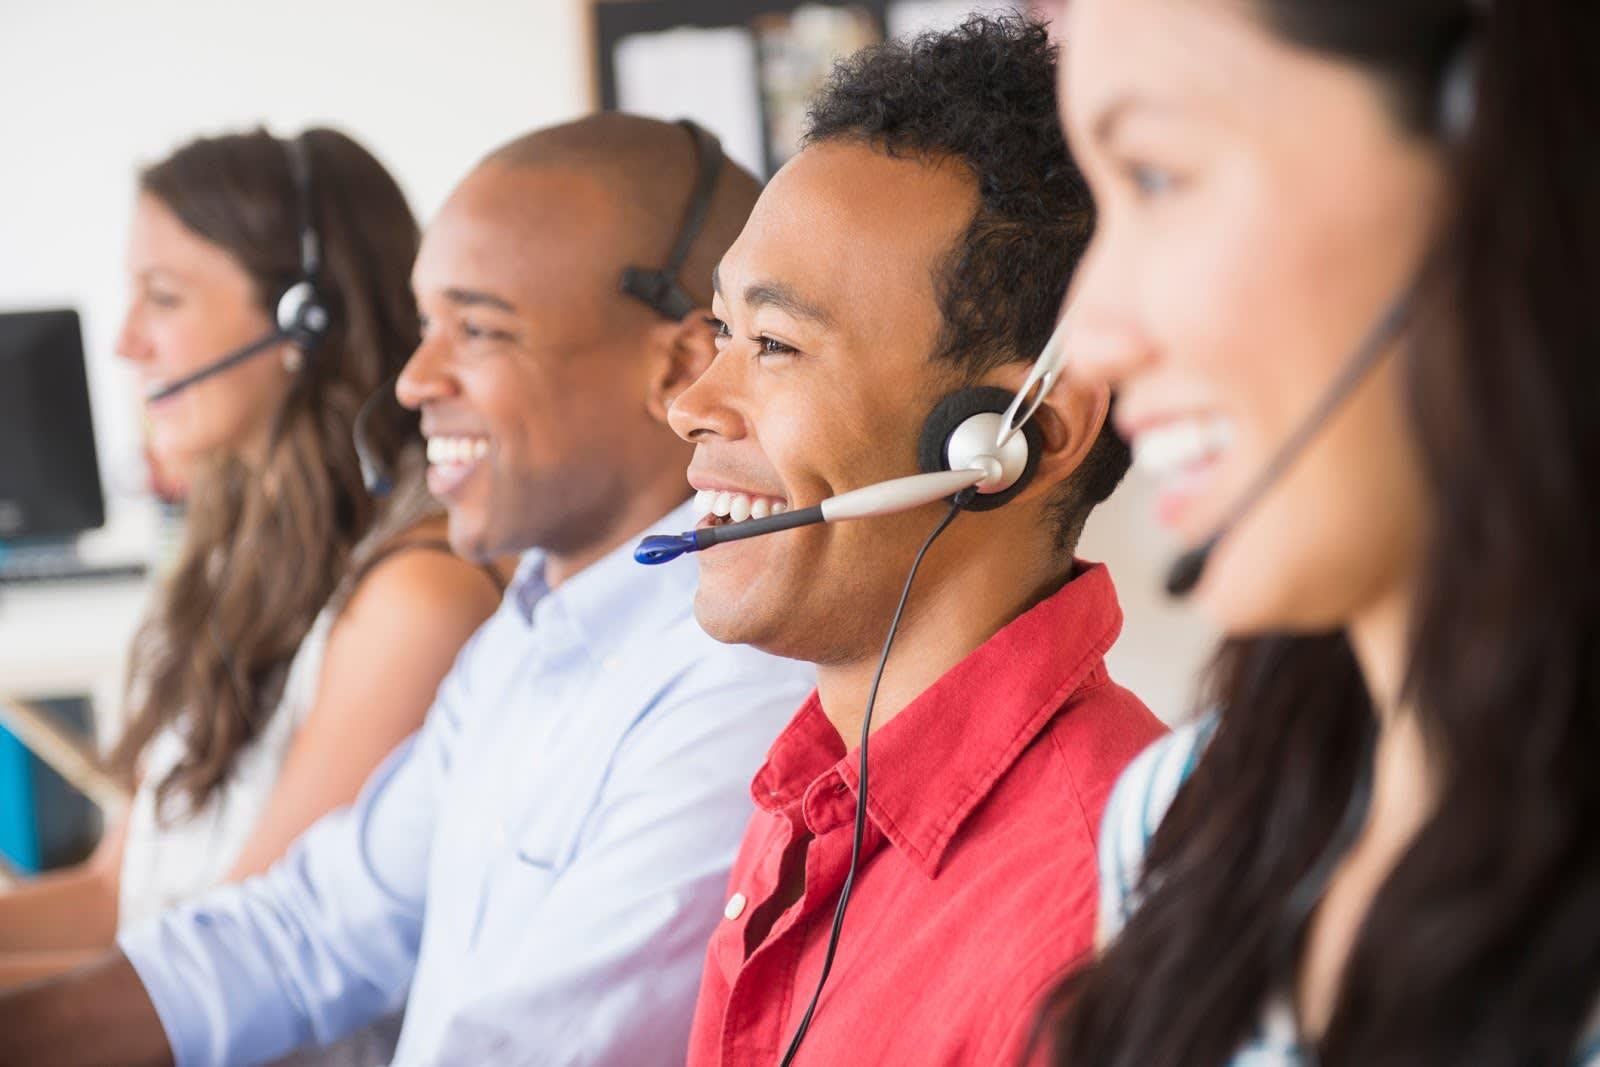 Agents de service utilisant des micro-casques pour parler aux clients